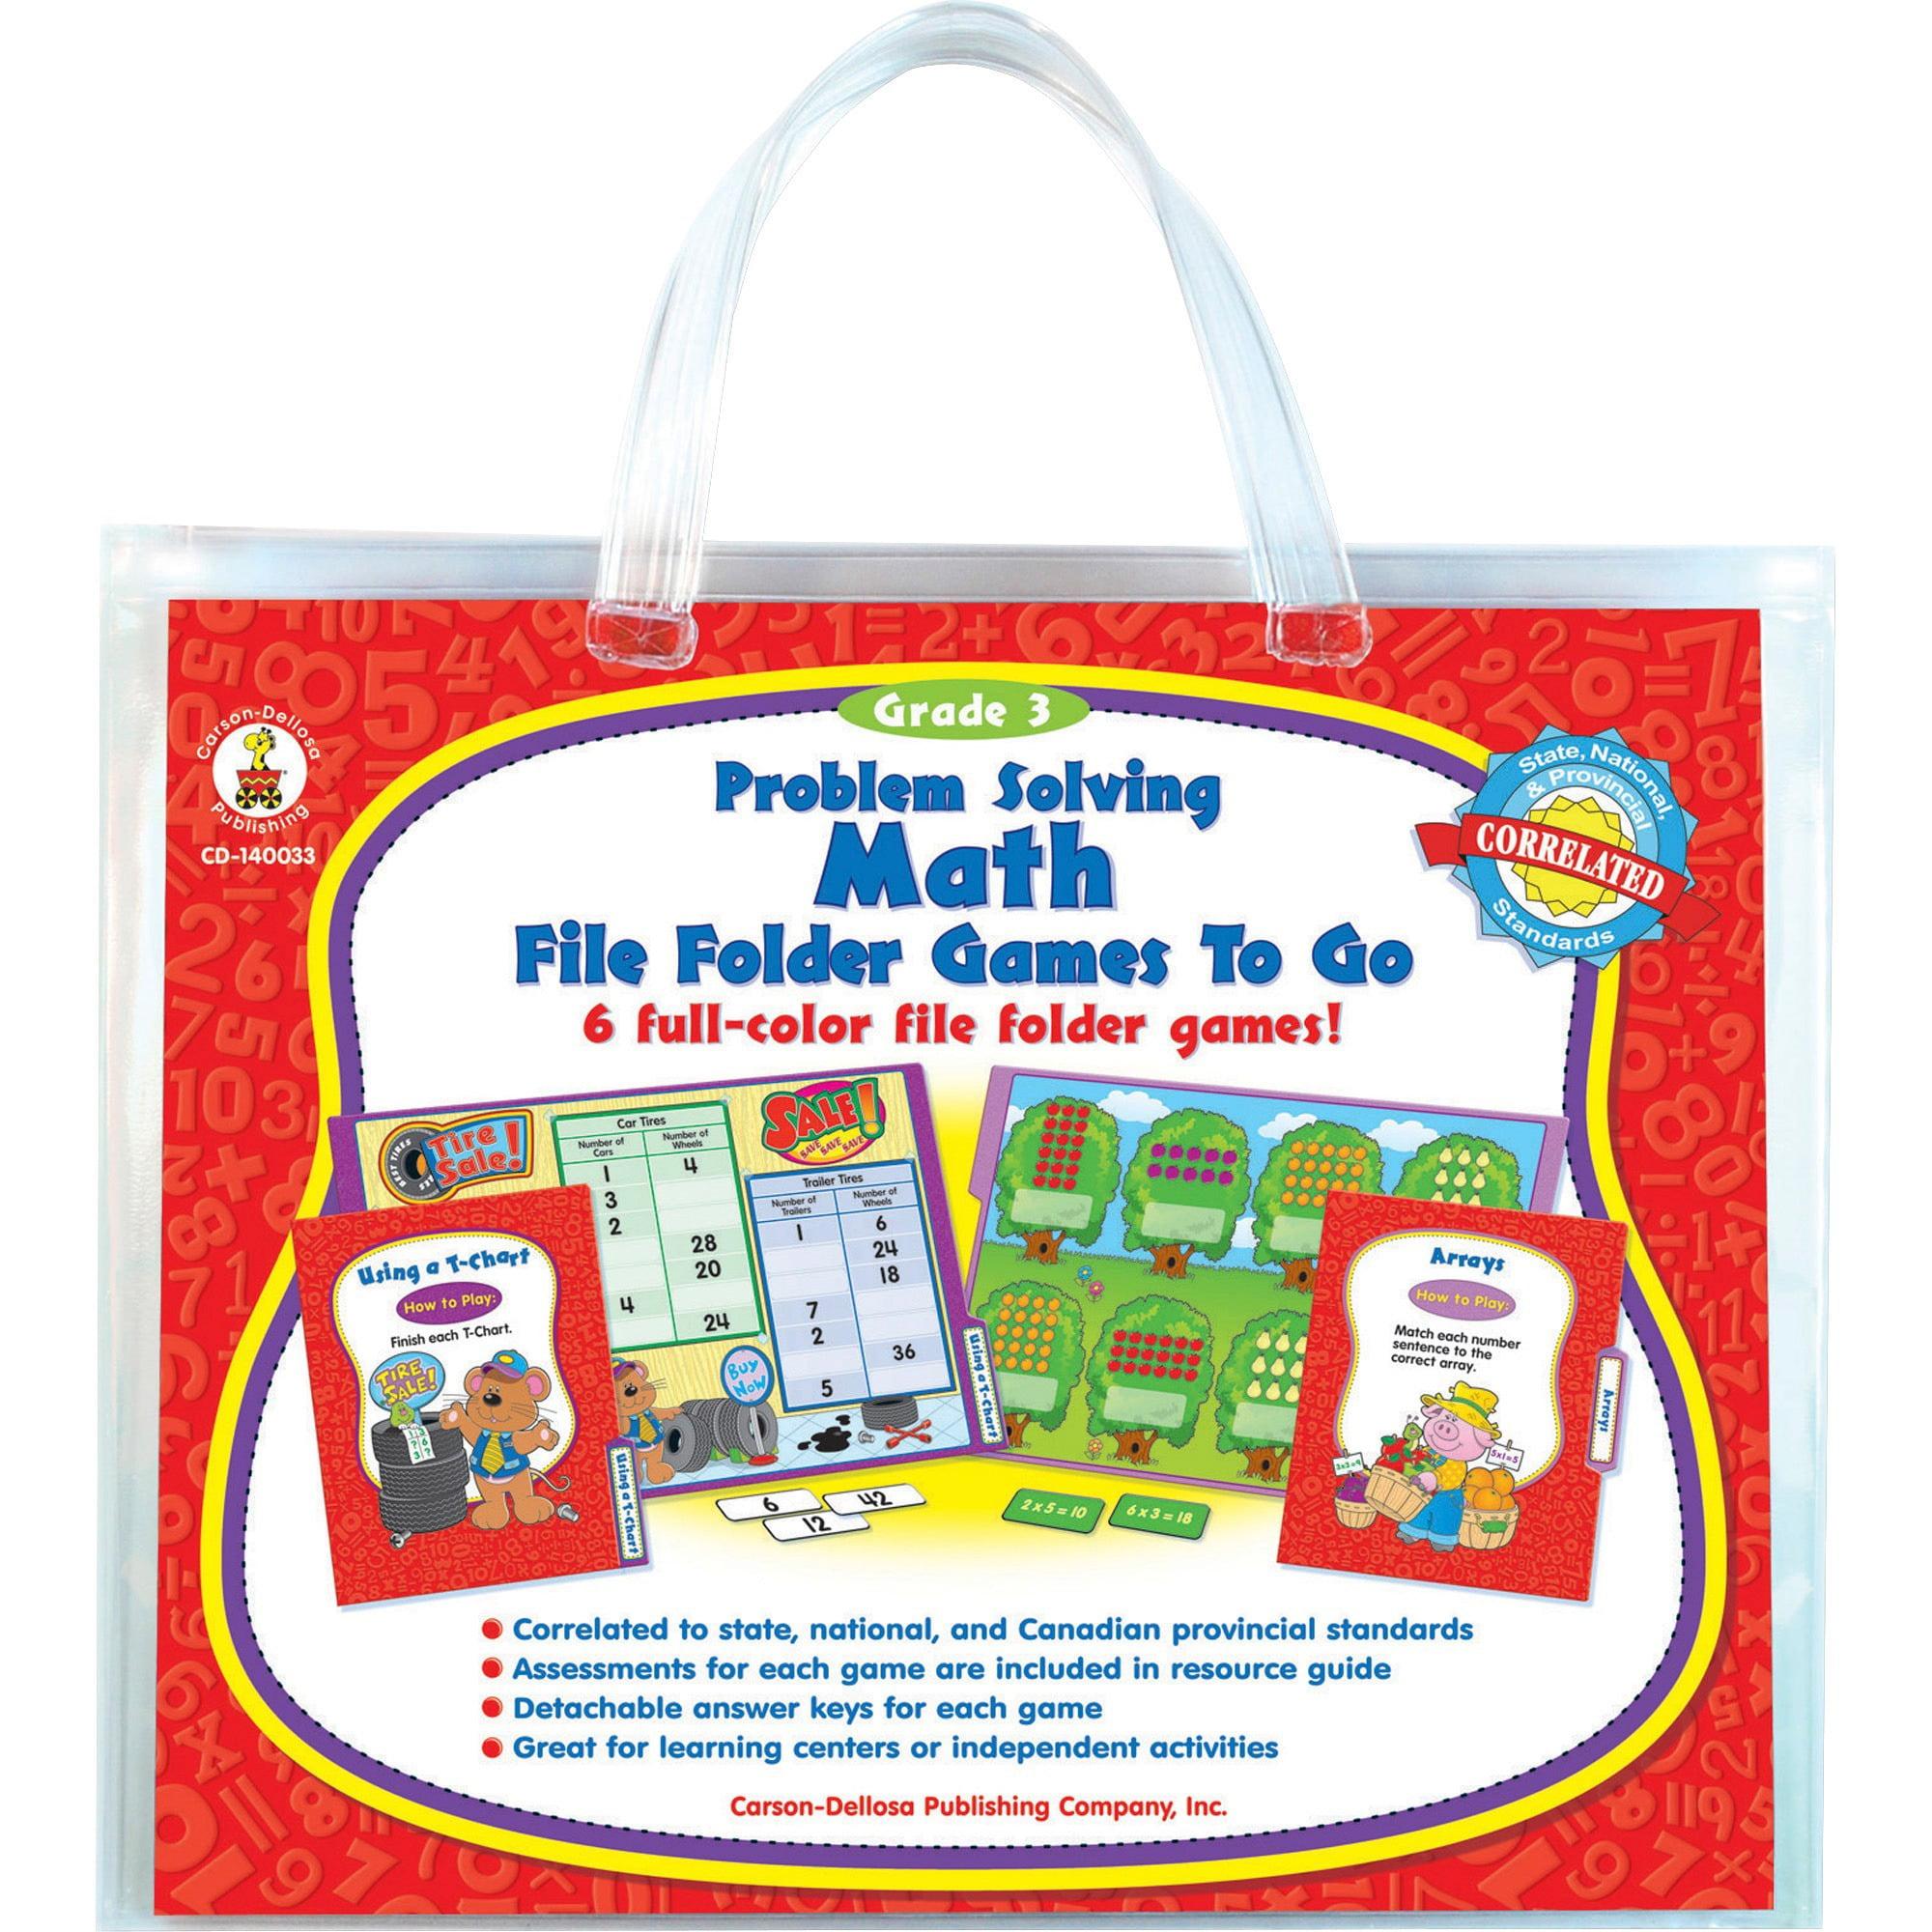 Carson-Dellosa, CDP140033, Problem Solving Math Game, 1 Each, Multi